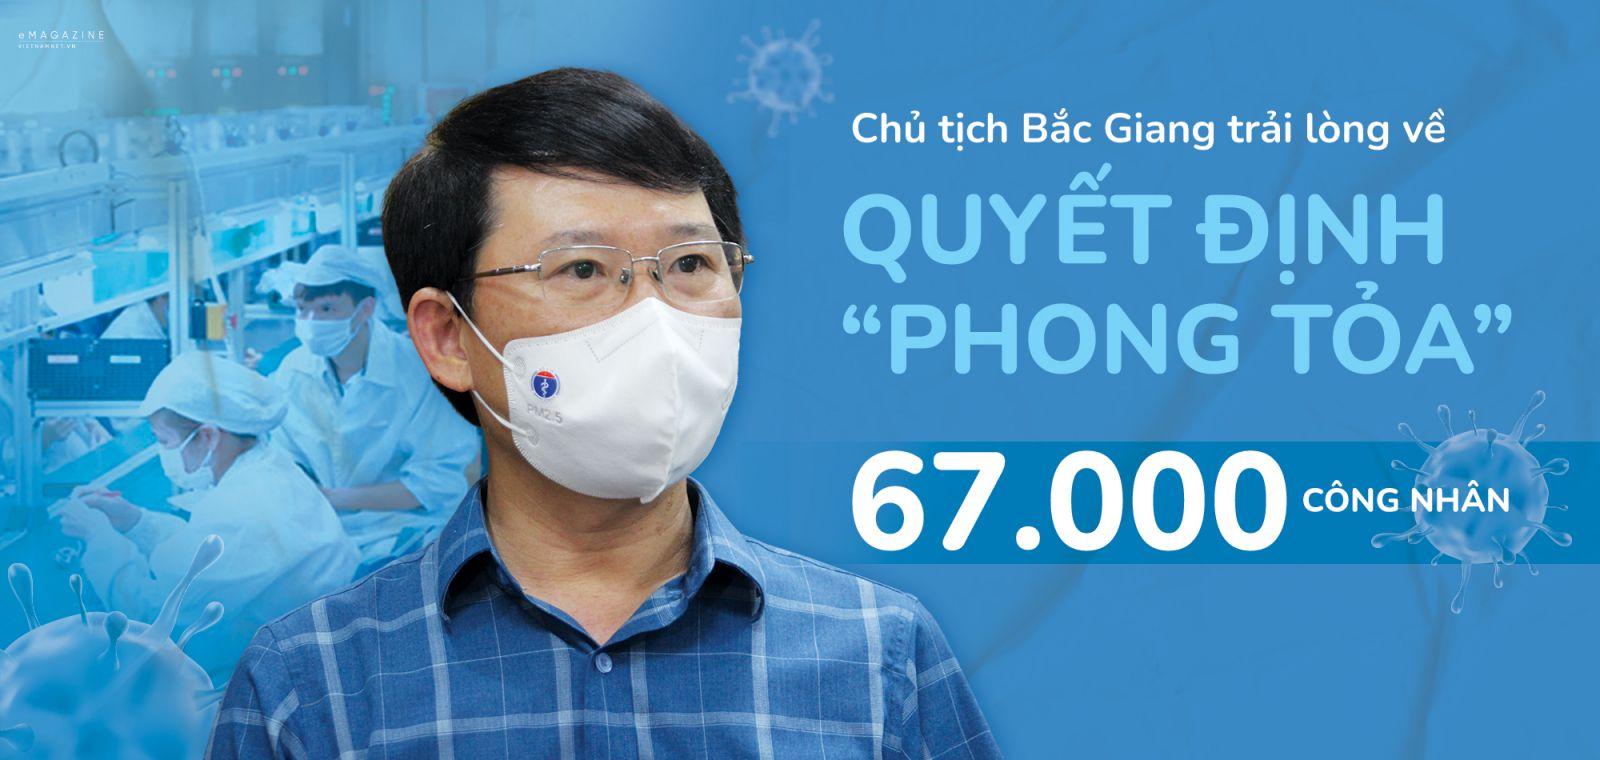 """Chủ tịch Bắc Giang trải lòng về quyết định """"phong tỏa"""" 67.000 công nhân"""